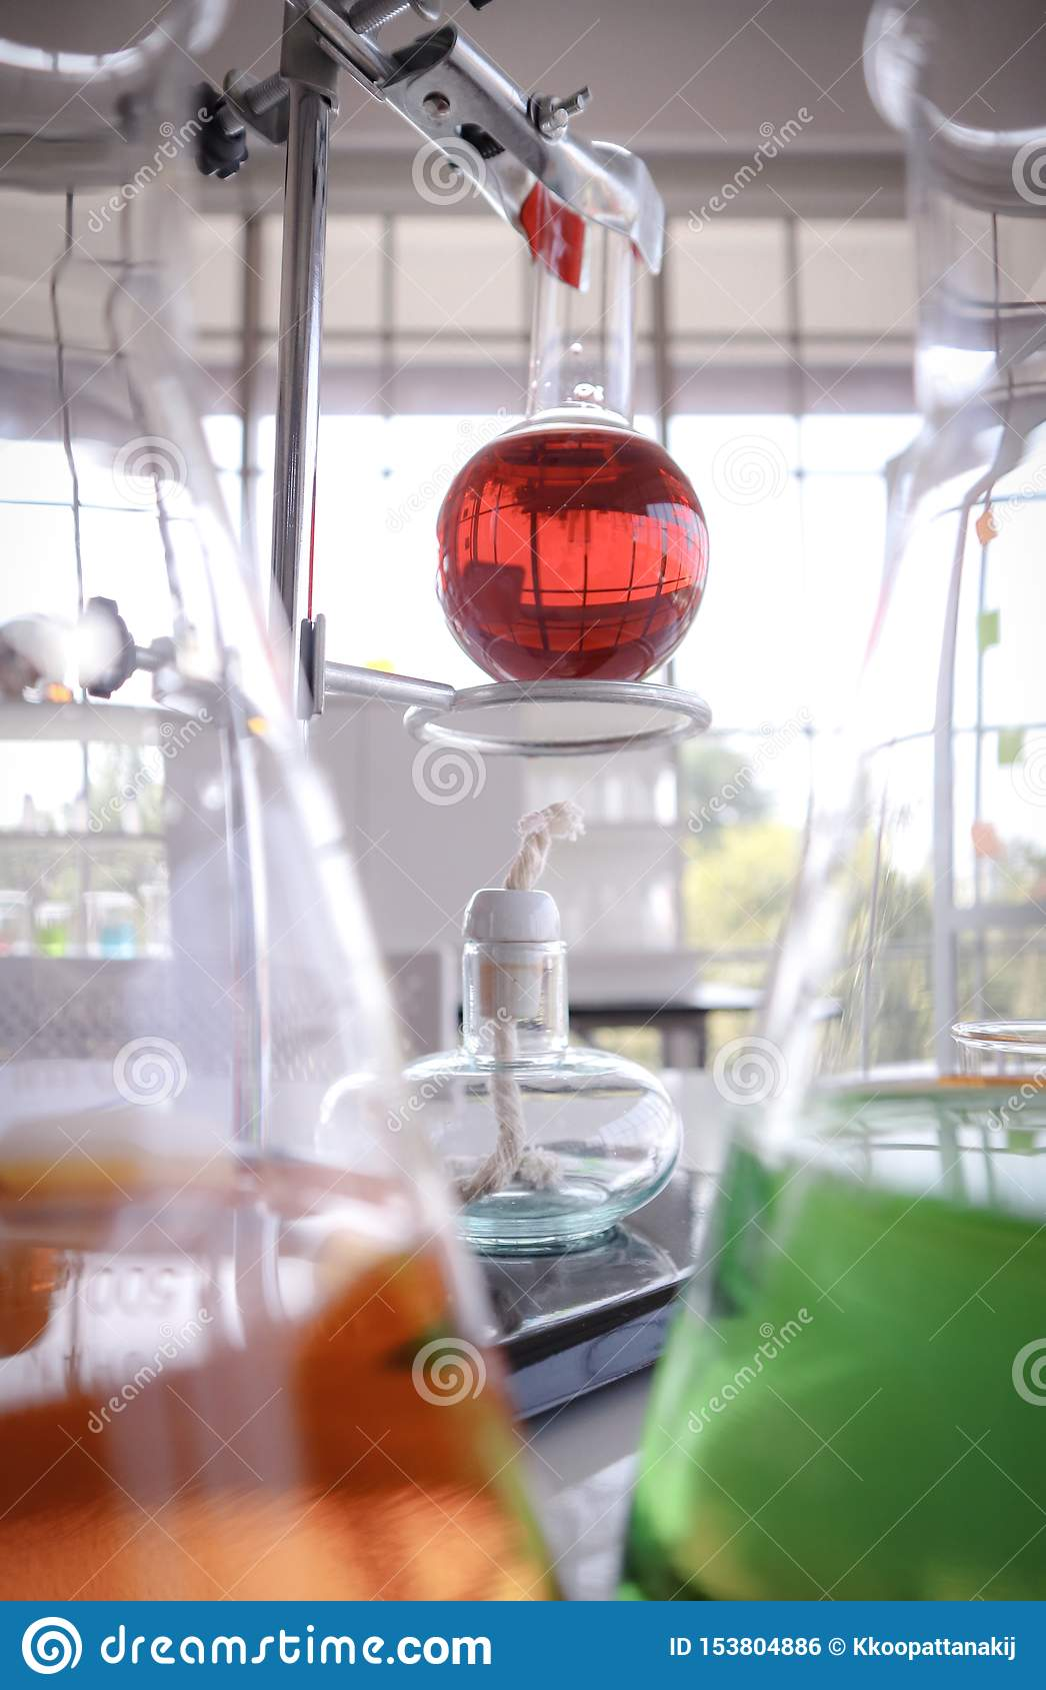 Κόκκινο υγρό στη φιάλη δοκιμής γυαλιού στο ράφι Θέση λαμπτήρων Alcolhol κάτω με το θολωμένο πορτοκαλί και πράσινο χημικό εργαστηρ